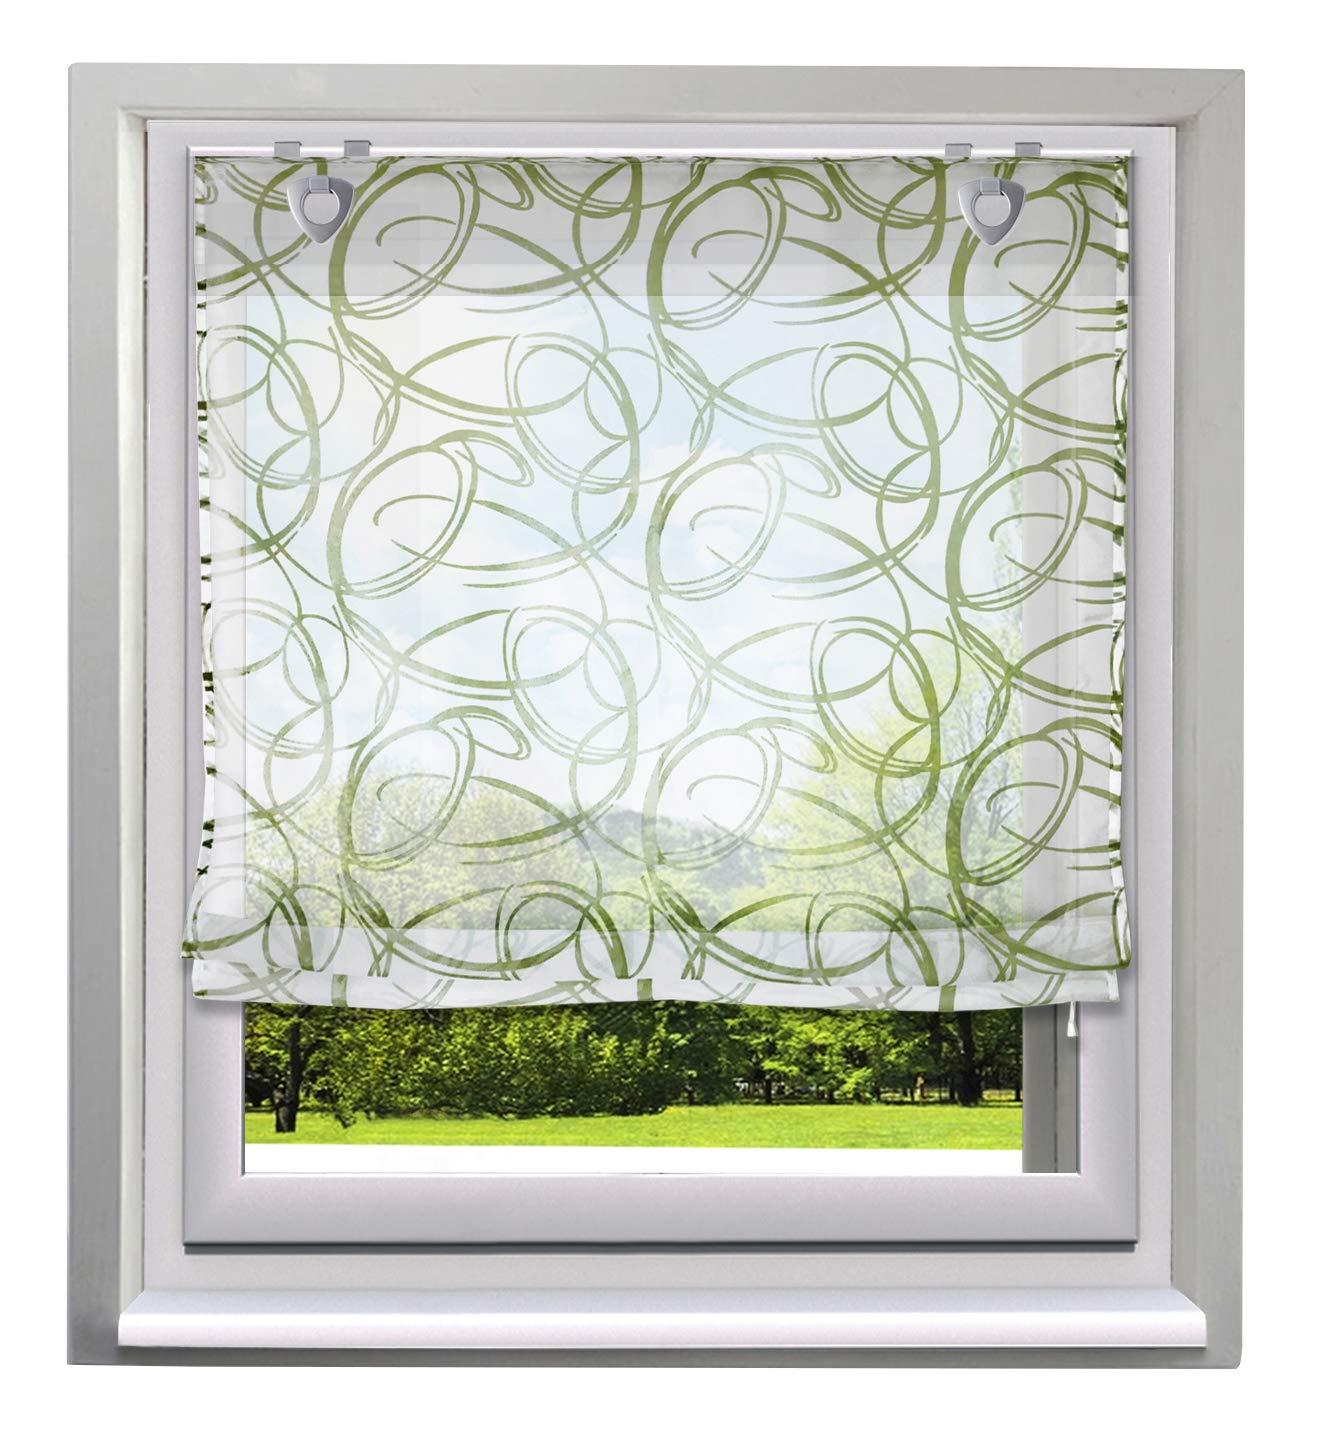 Bailey Jo 1Pc Store Romain Transparent avec Impression Rideau Voilage Raffrollo Décoration de Fenêtre Chambre/Balcon/ Cuisine (LxH/60x140cm, Courbe Gris Vert-Pattes)